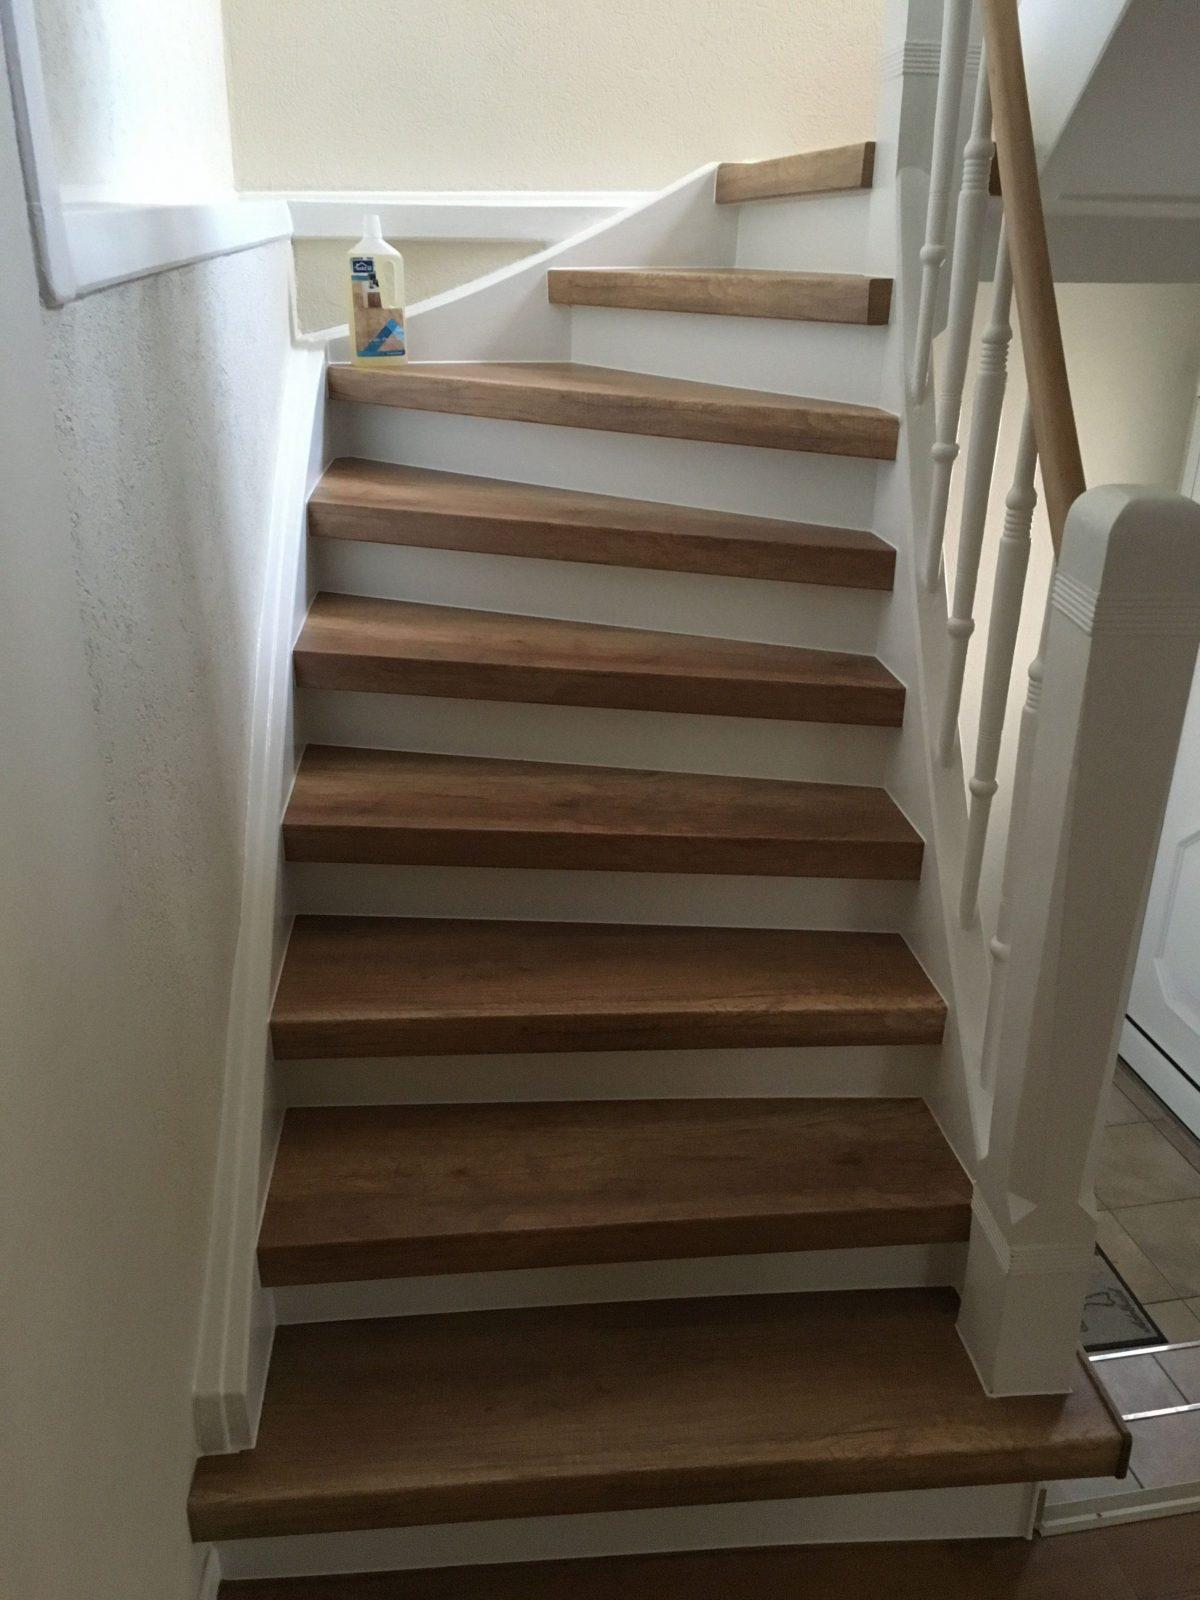 Attraktive Laminatstufen Auf Alter Holztreppe  Alte Treppe Neu von Alte Holztreppe Neu Gestalten Bild